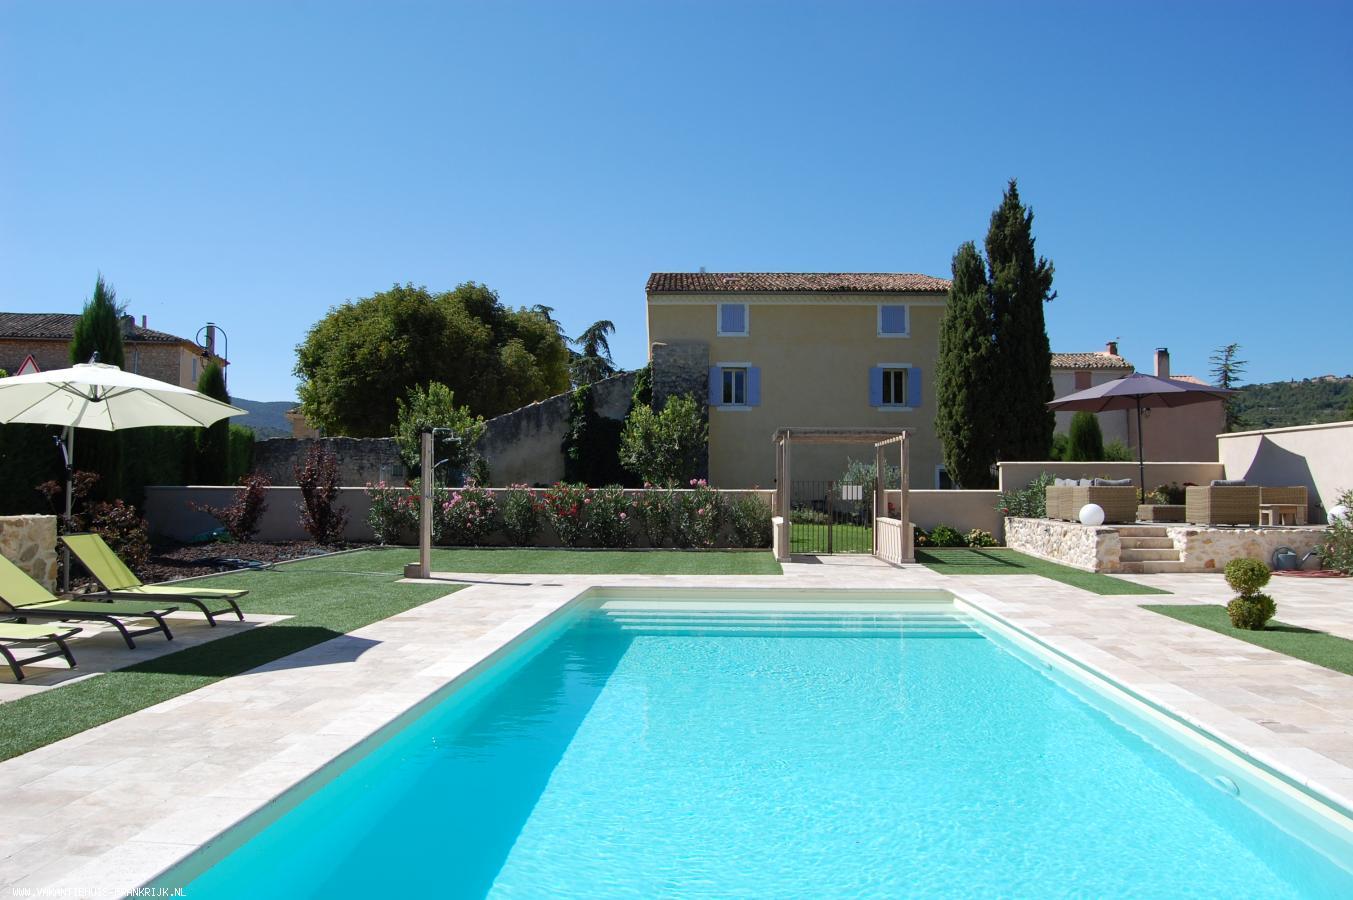 Vakantiehuis: Grote historische familiewoning aan de zuidkant van de Mont Ventoux met privé zwembad. te huur voor uw vakantie in Vaucluse (Frankrijk)